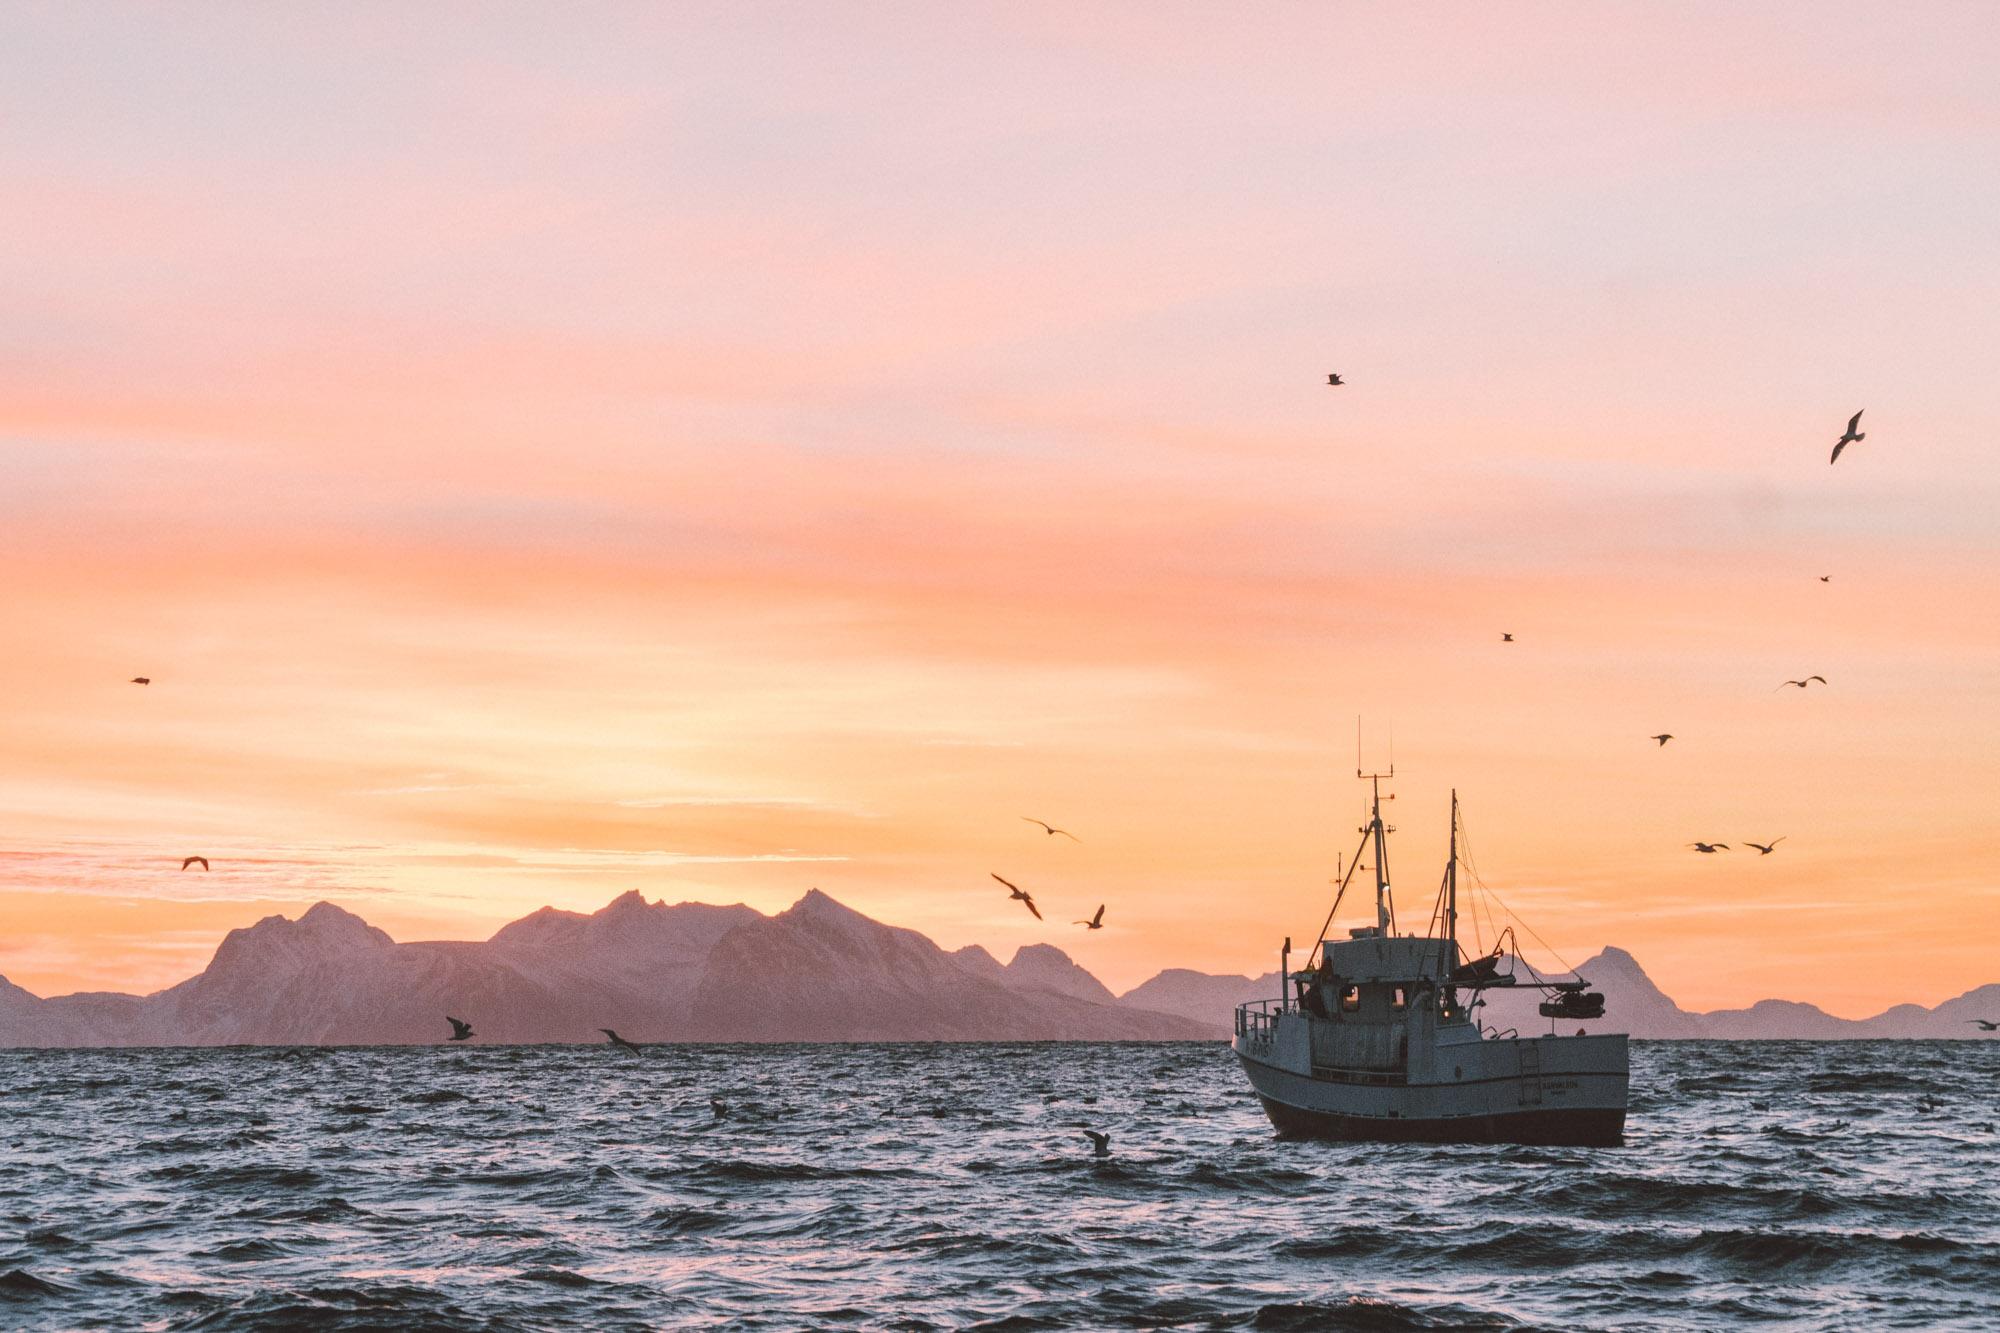 Fiskebåt ute på havet i midnattssol